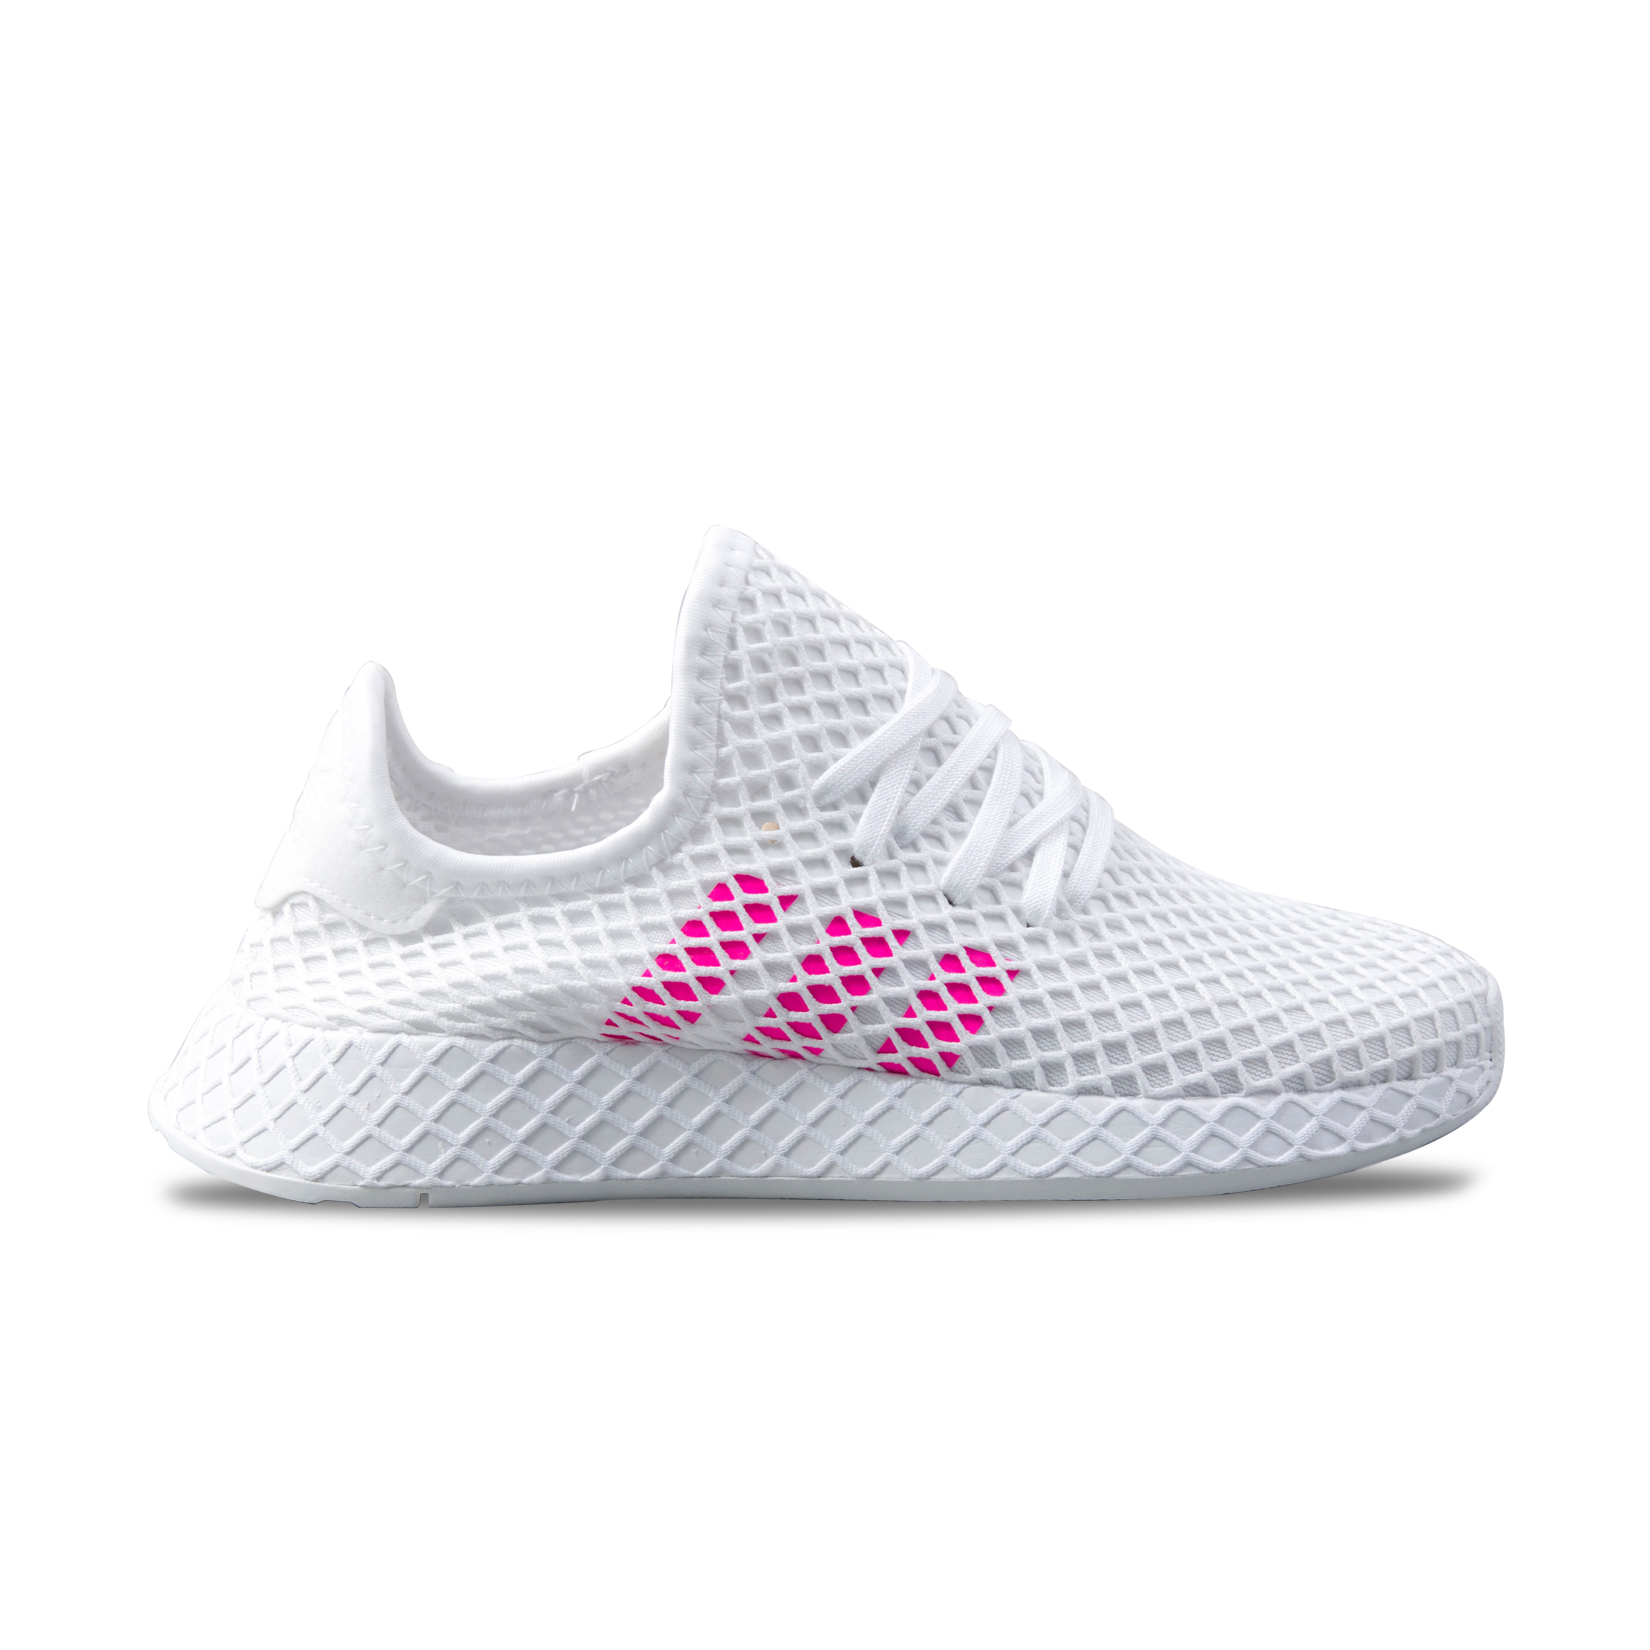 Adidas Originals Deerupt Runner White - Pink